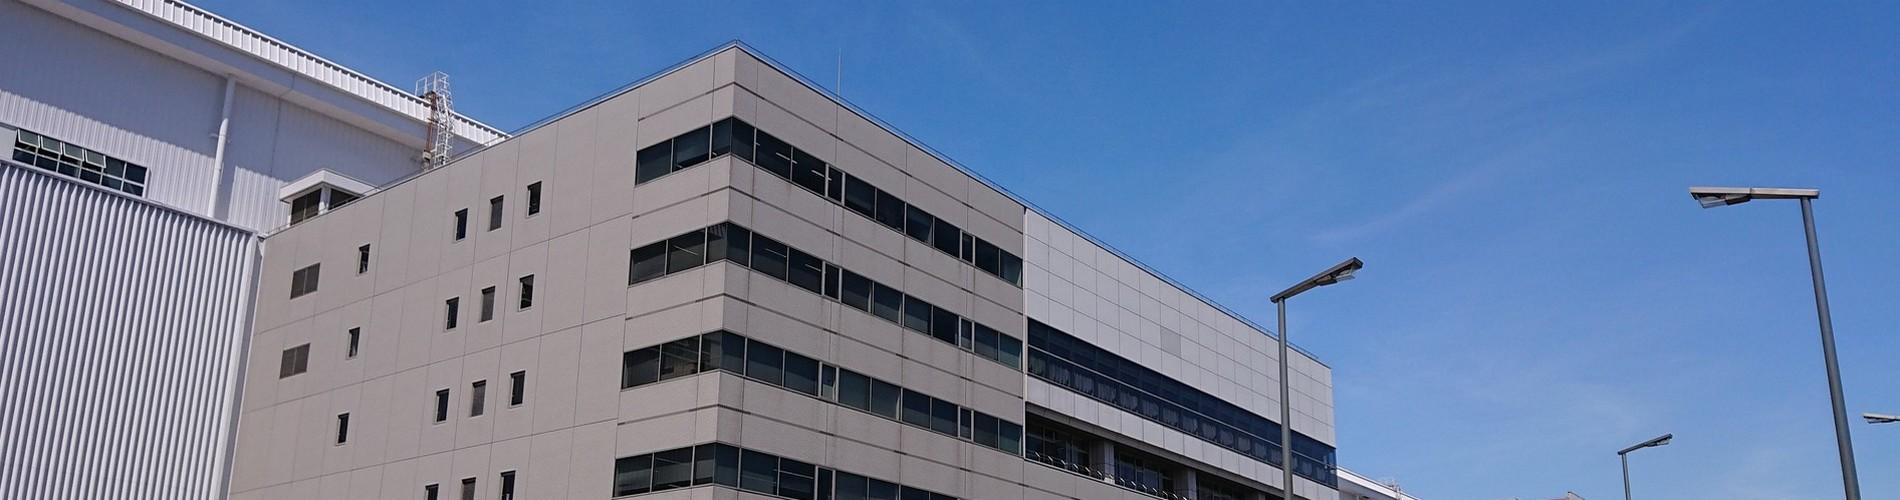 M2ビル 日本エアシステム(JAS)時代から 6階に事務所があります